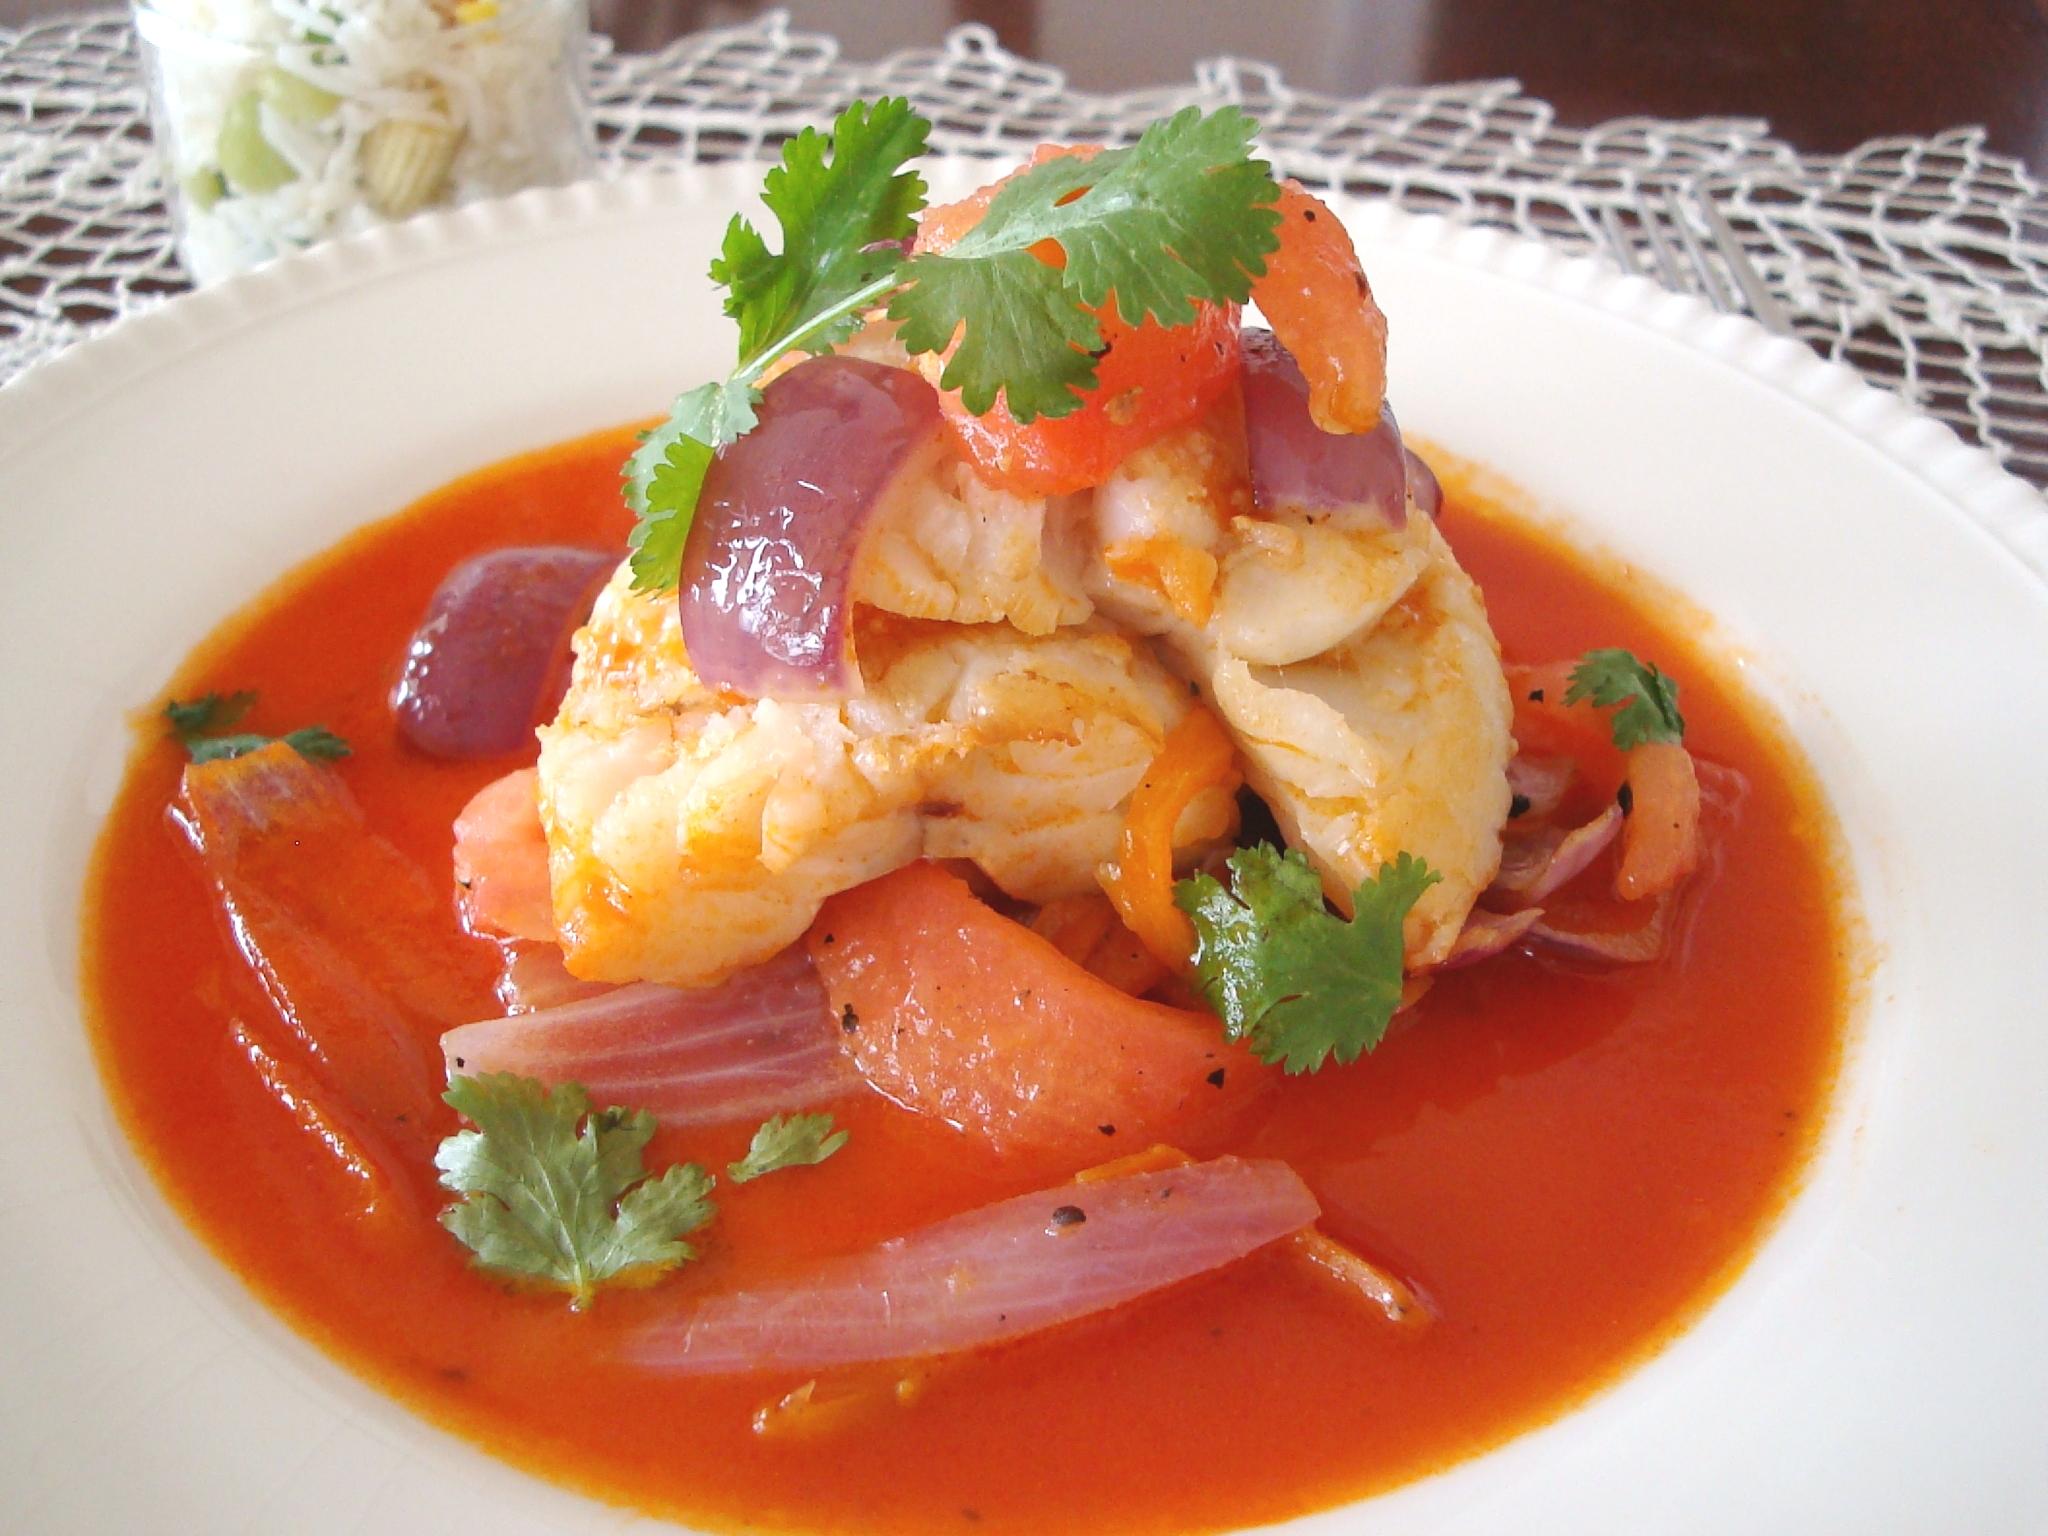 Corvina a la chorrillana a fisherman 39 s recipe peru delights for Corvina fish recipes